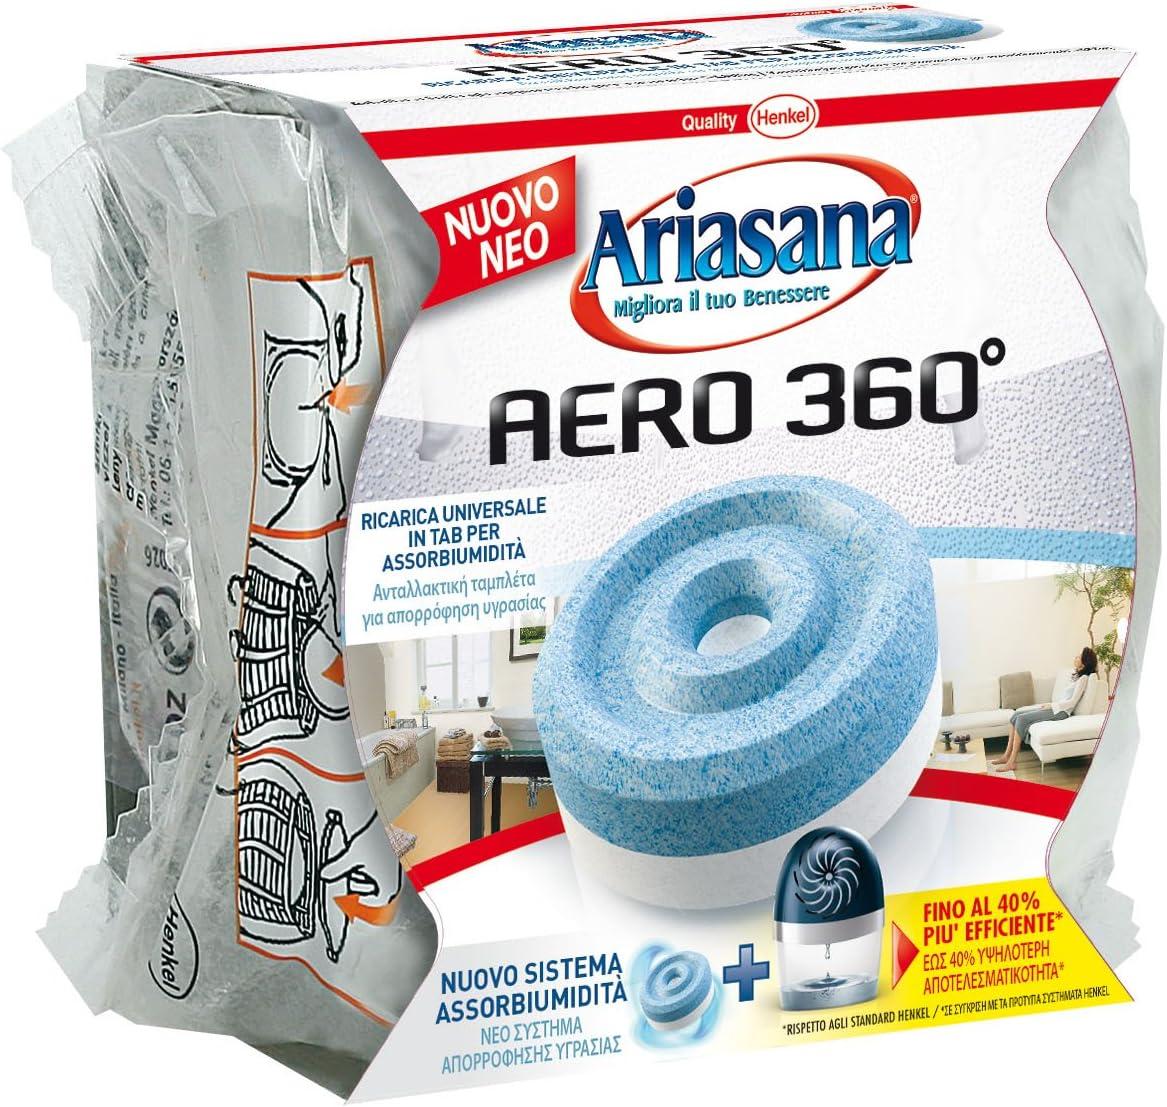 Deumidificatore Aria Sana Pulita Zero Umidità 22w Capacità 500ml Hoomei Hm-2275